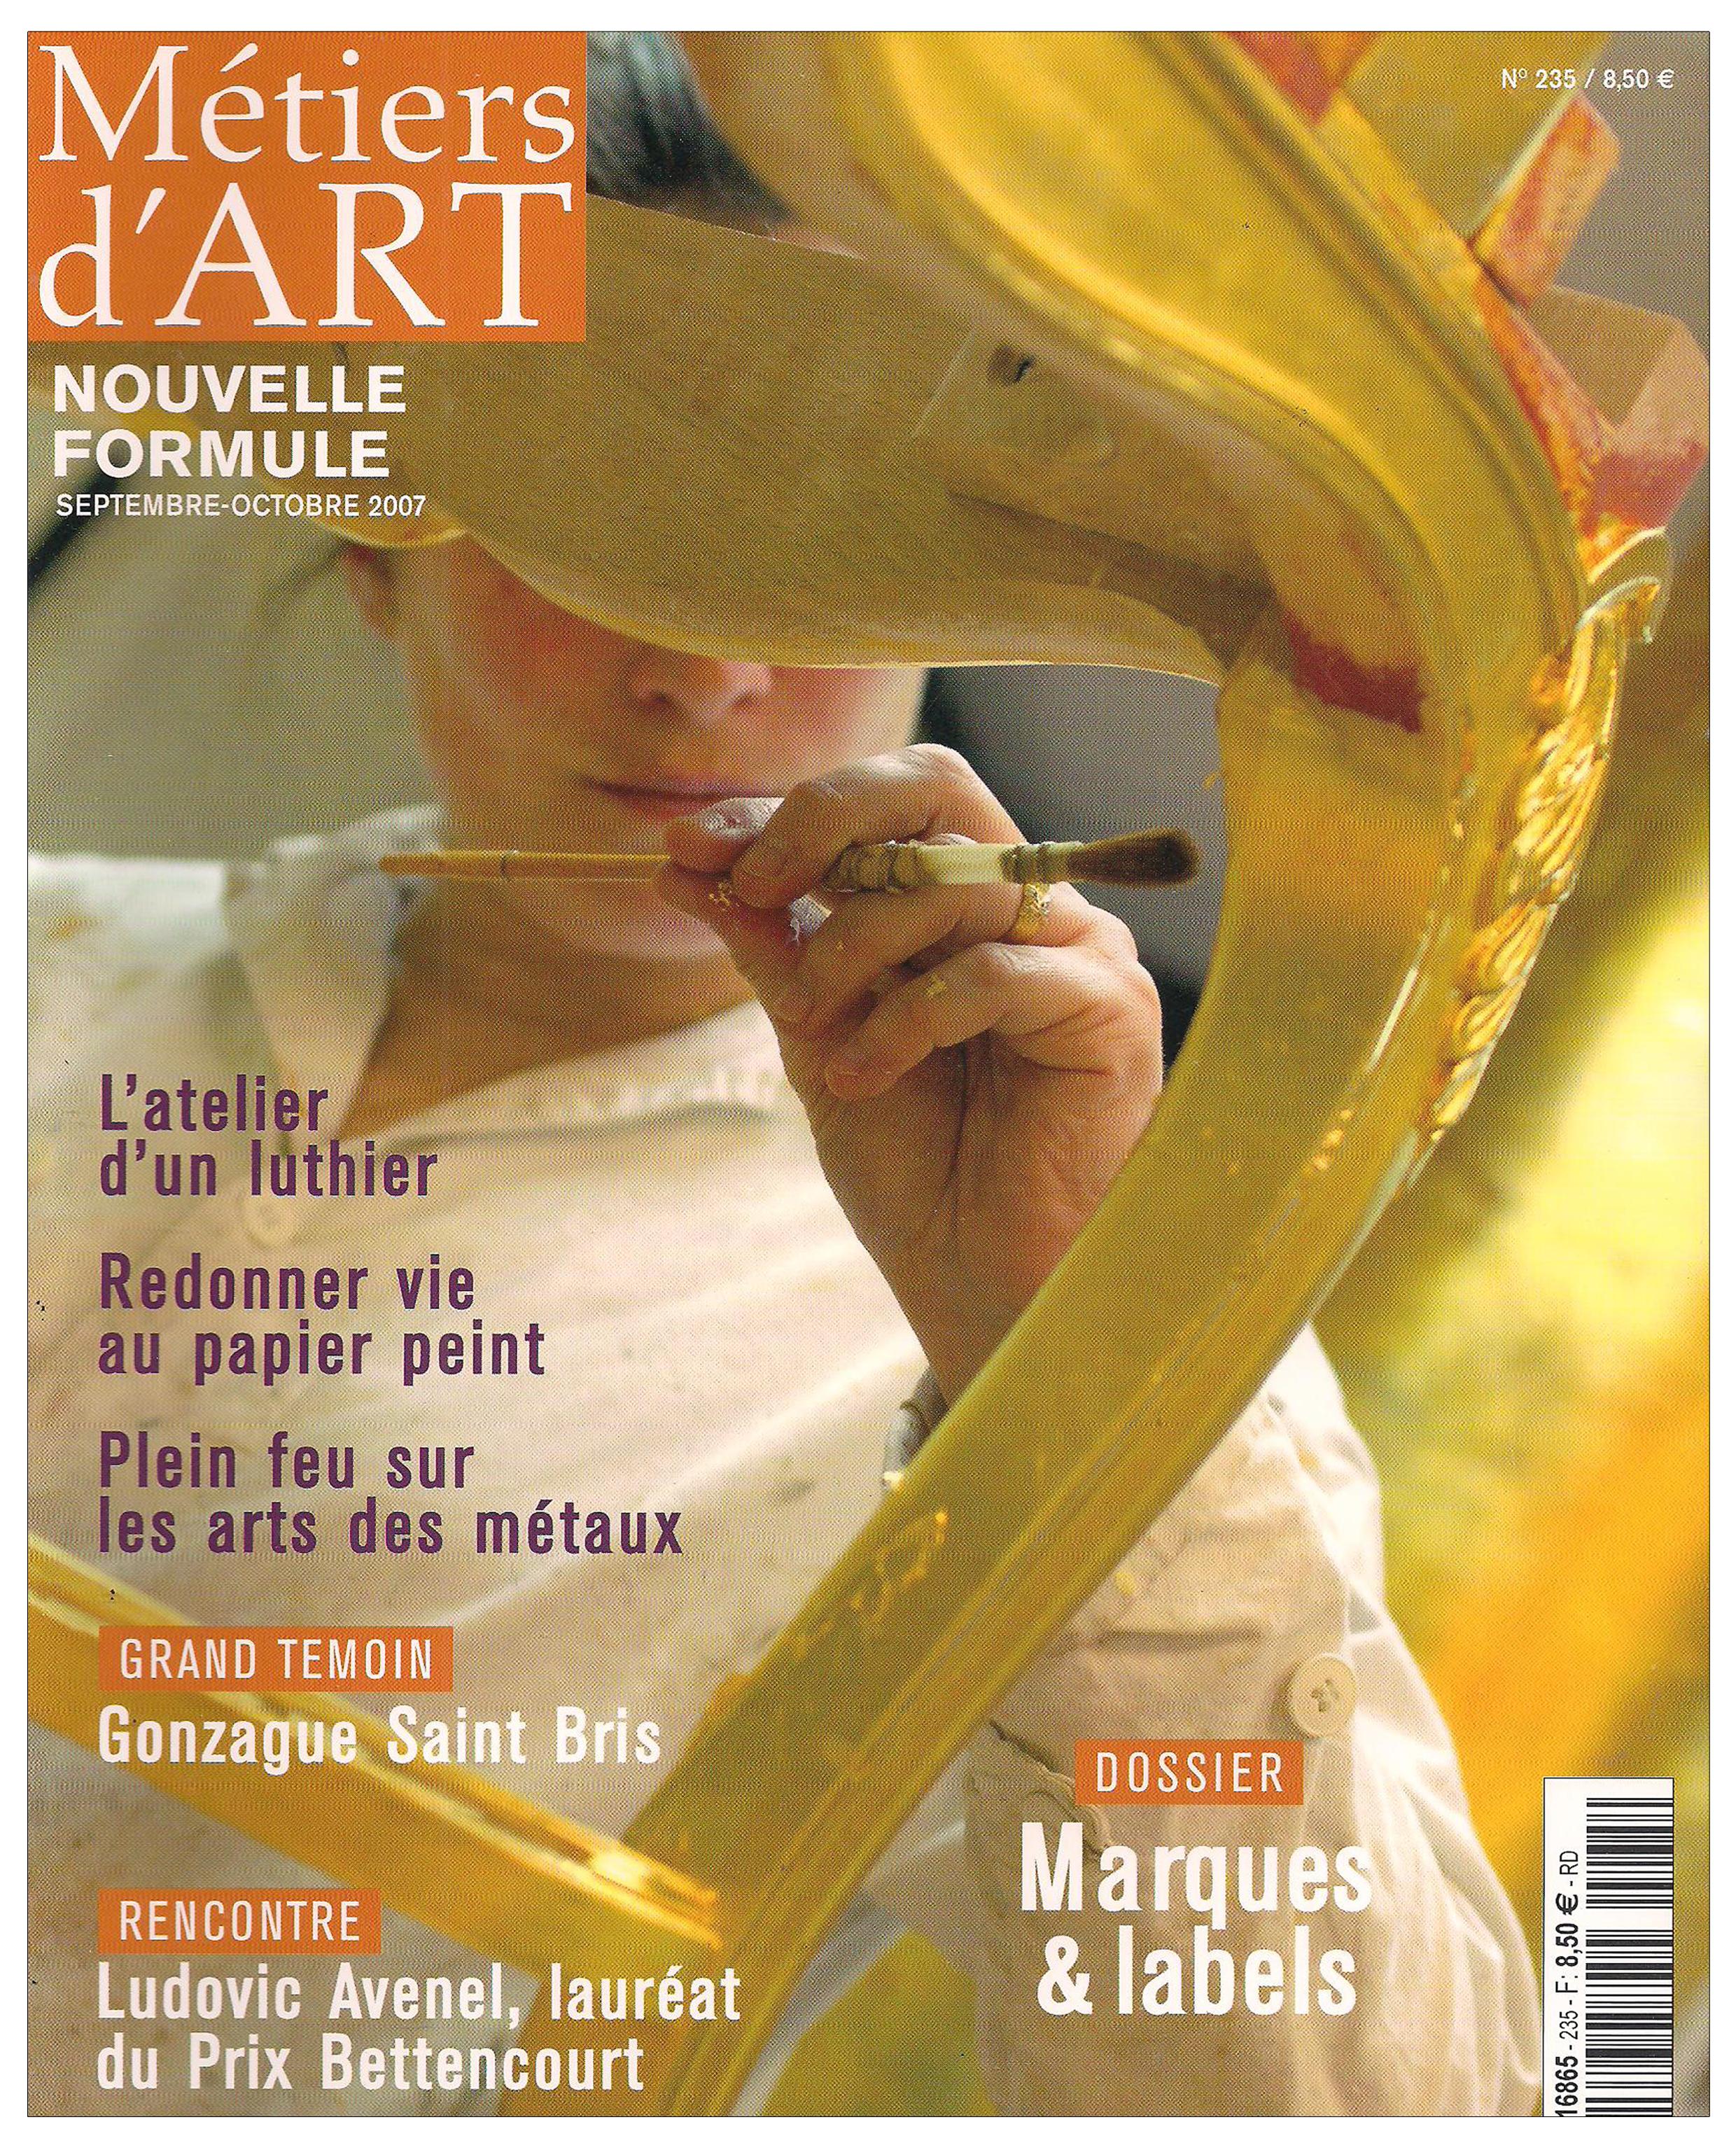 Ludovic AVENEL : ébéniste créateur - Ludovic_Avenel_press_métiers d'art_ebeniste_créateur_design_sur mesure_1